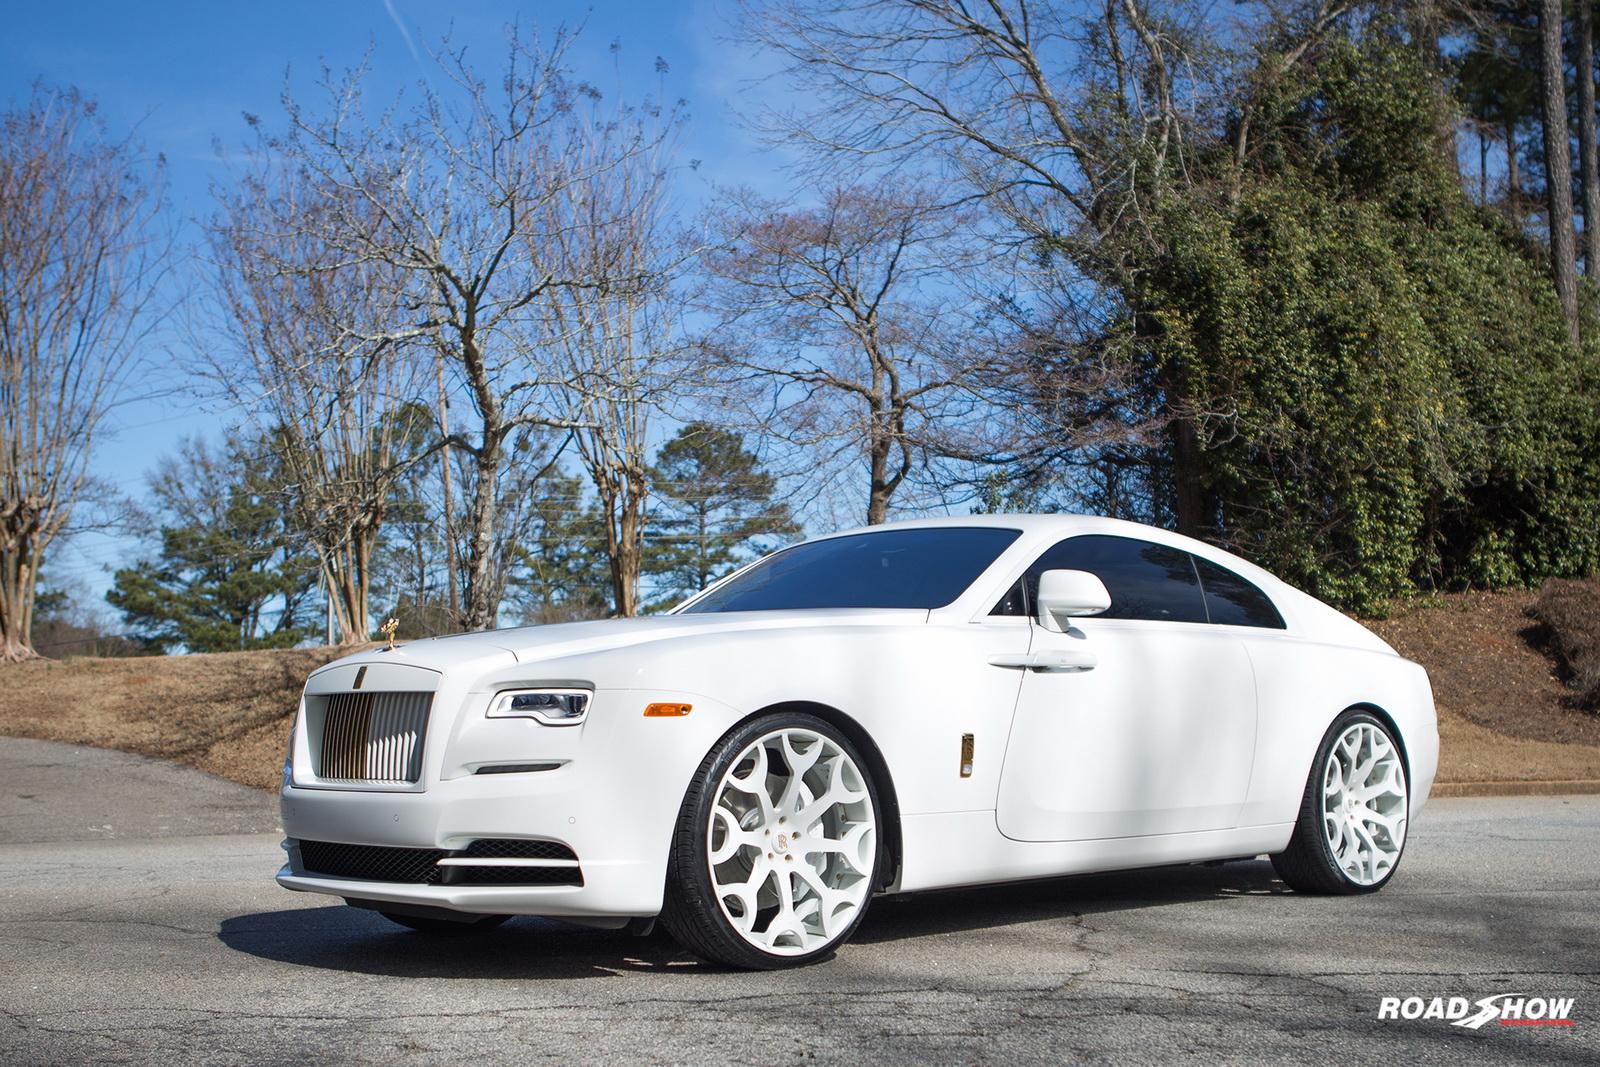 Американское ателье RoadShow International официально представило свой новый проект — «доработанный» Rolls-Royce Wraith